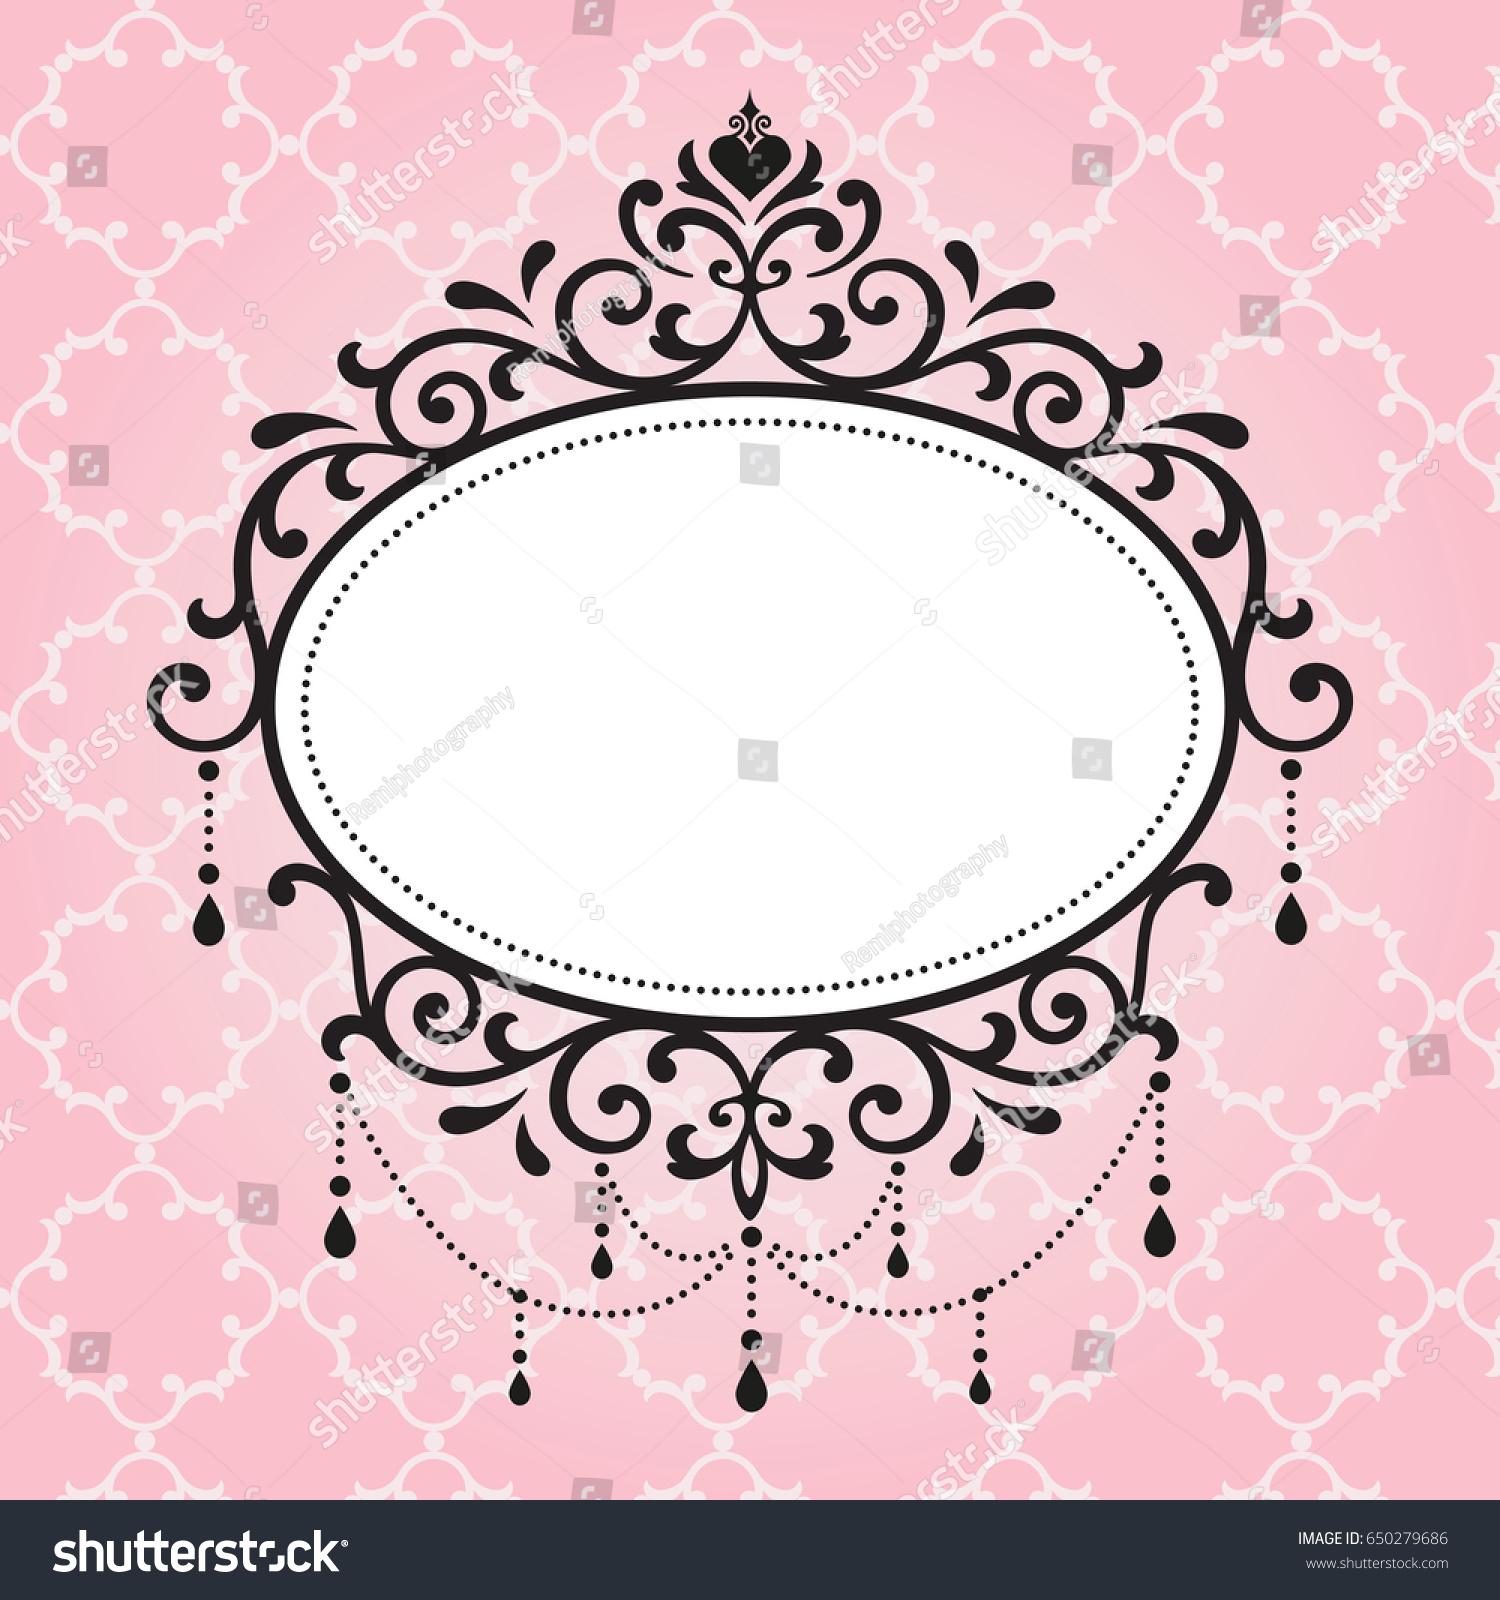 Chandelier Vintage Frames Design On Pink Pattern Background